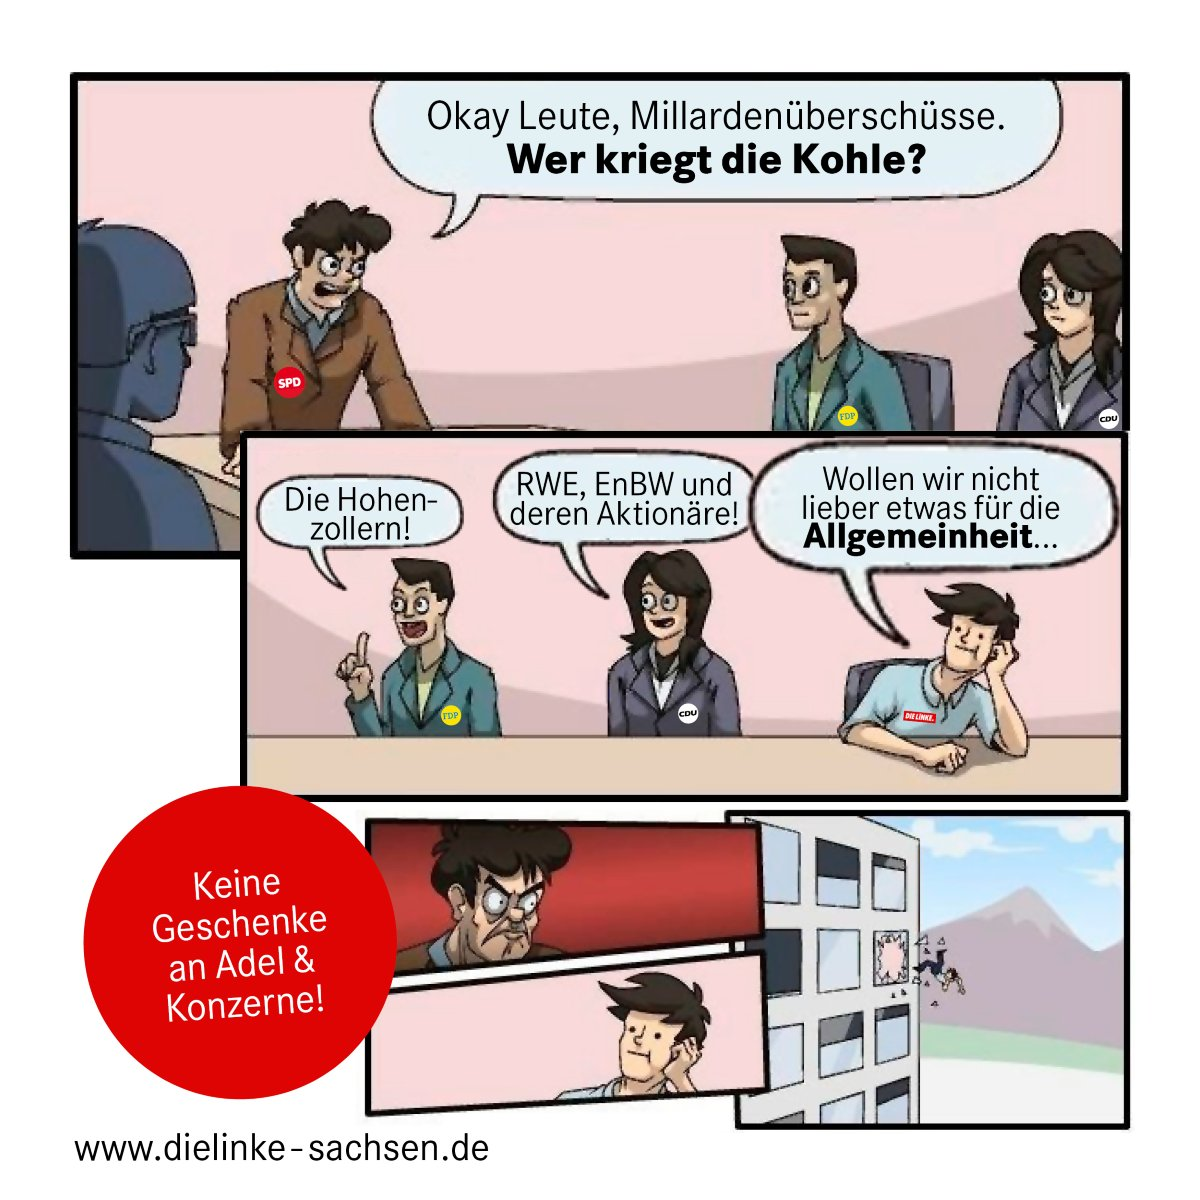 #Kohlekompromiss